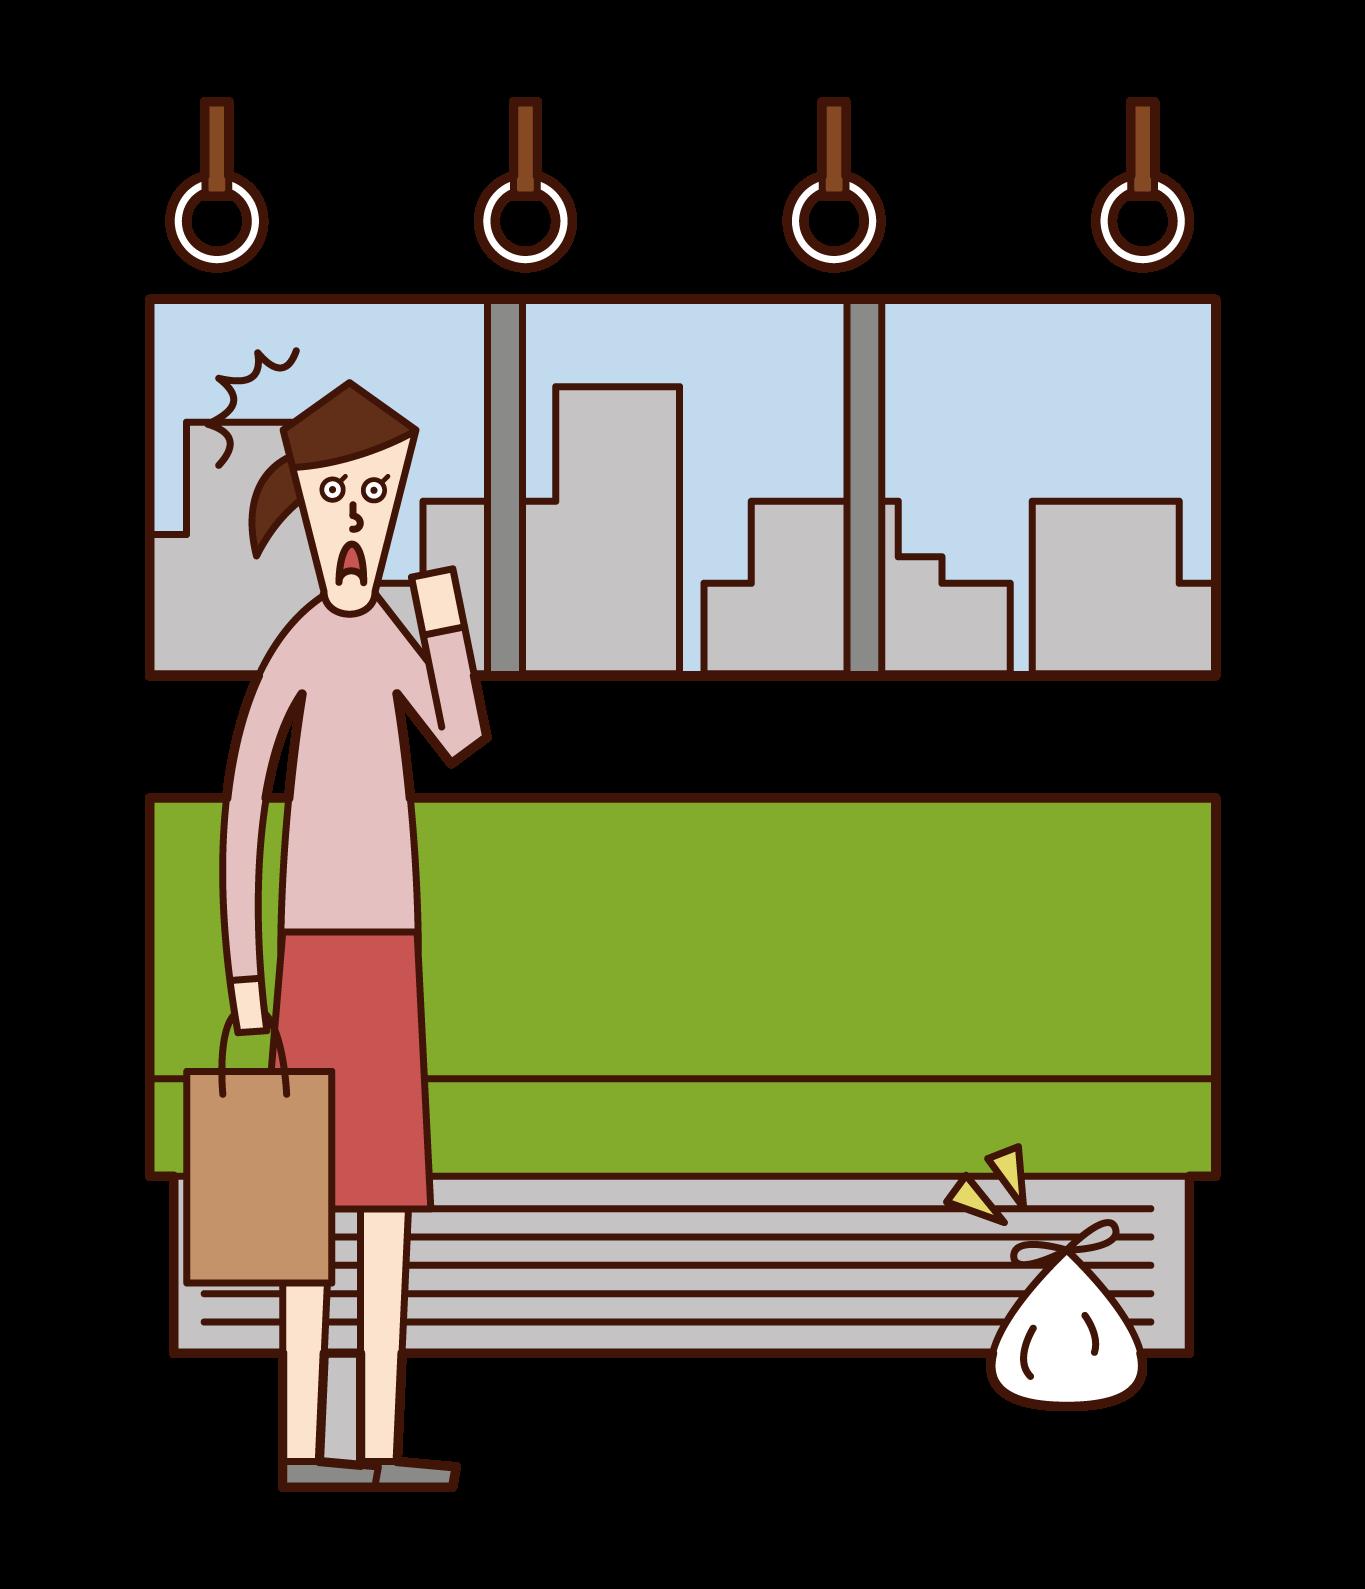 電車内で不審物を発見した人(女性)のイラスト